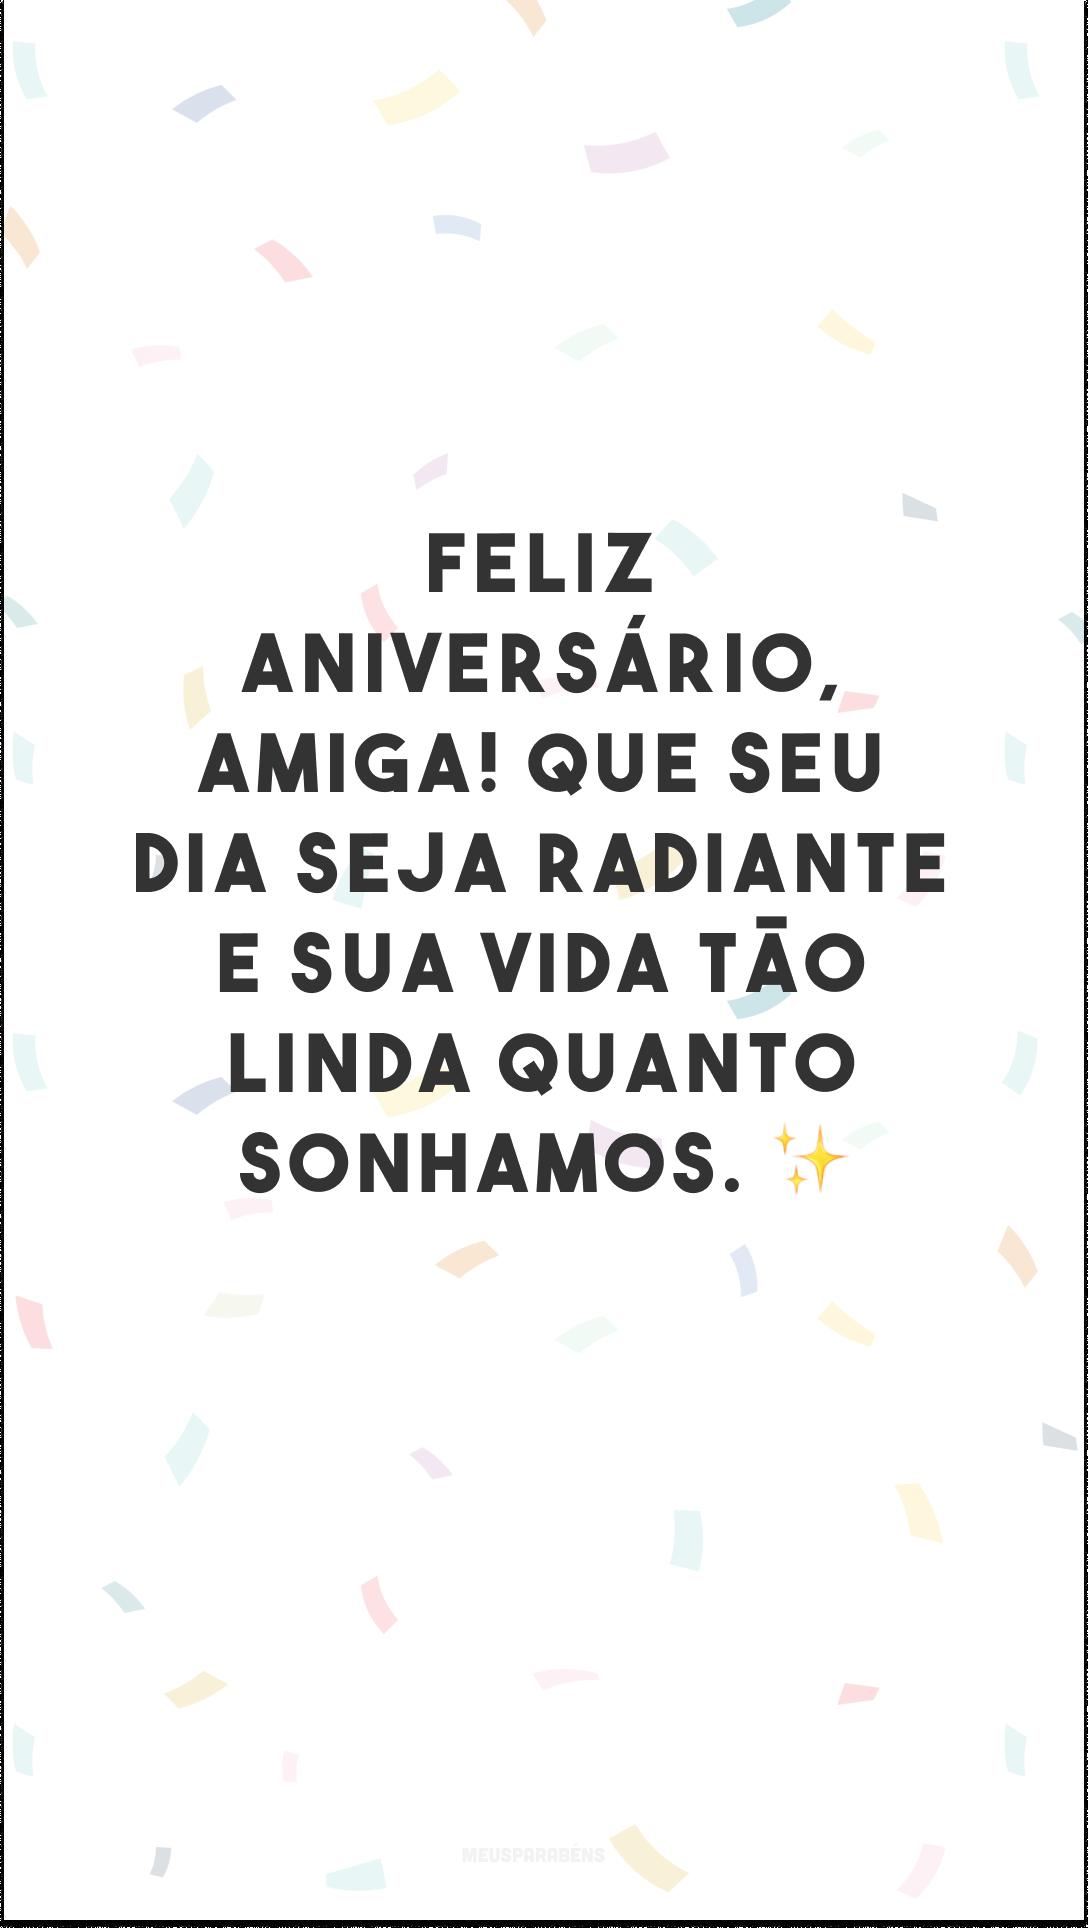 Feliz aniversário, amiga! Que seu dia seja radiante e sua vida tão linda quanto sonhamos. ✨